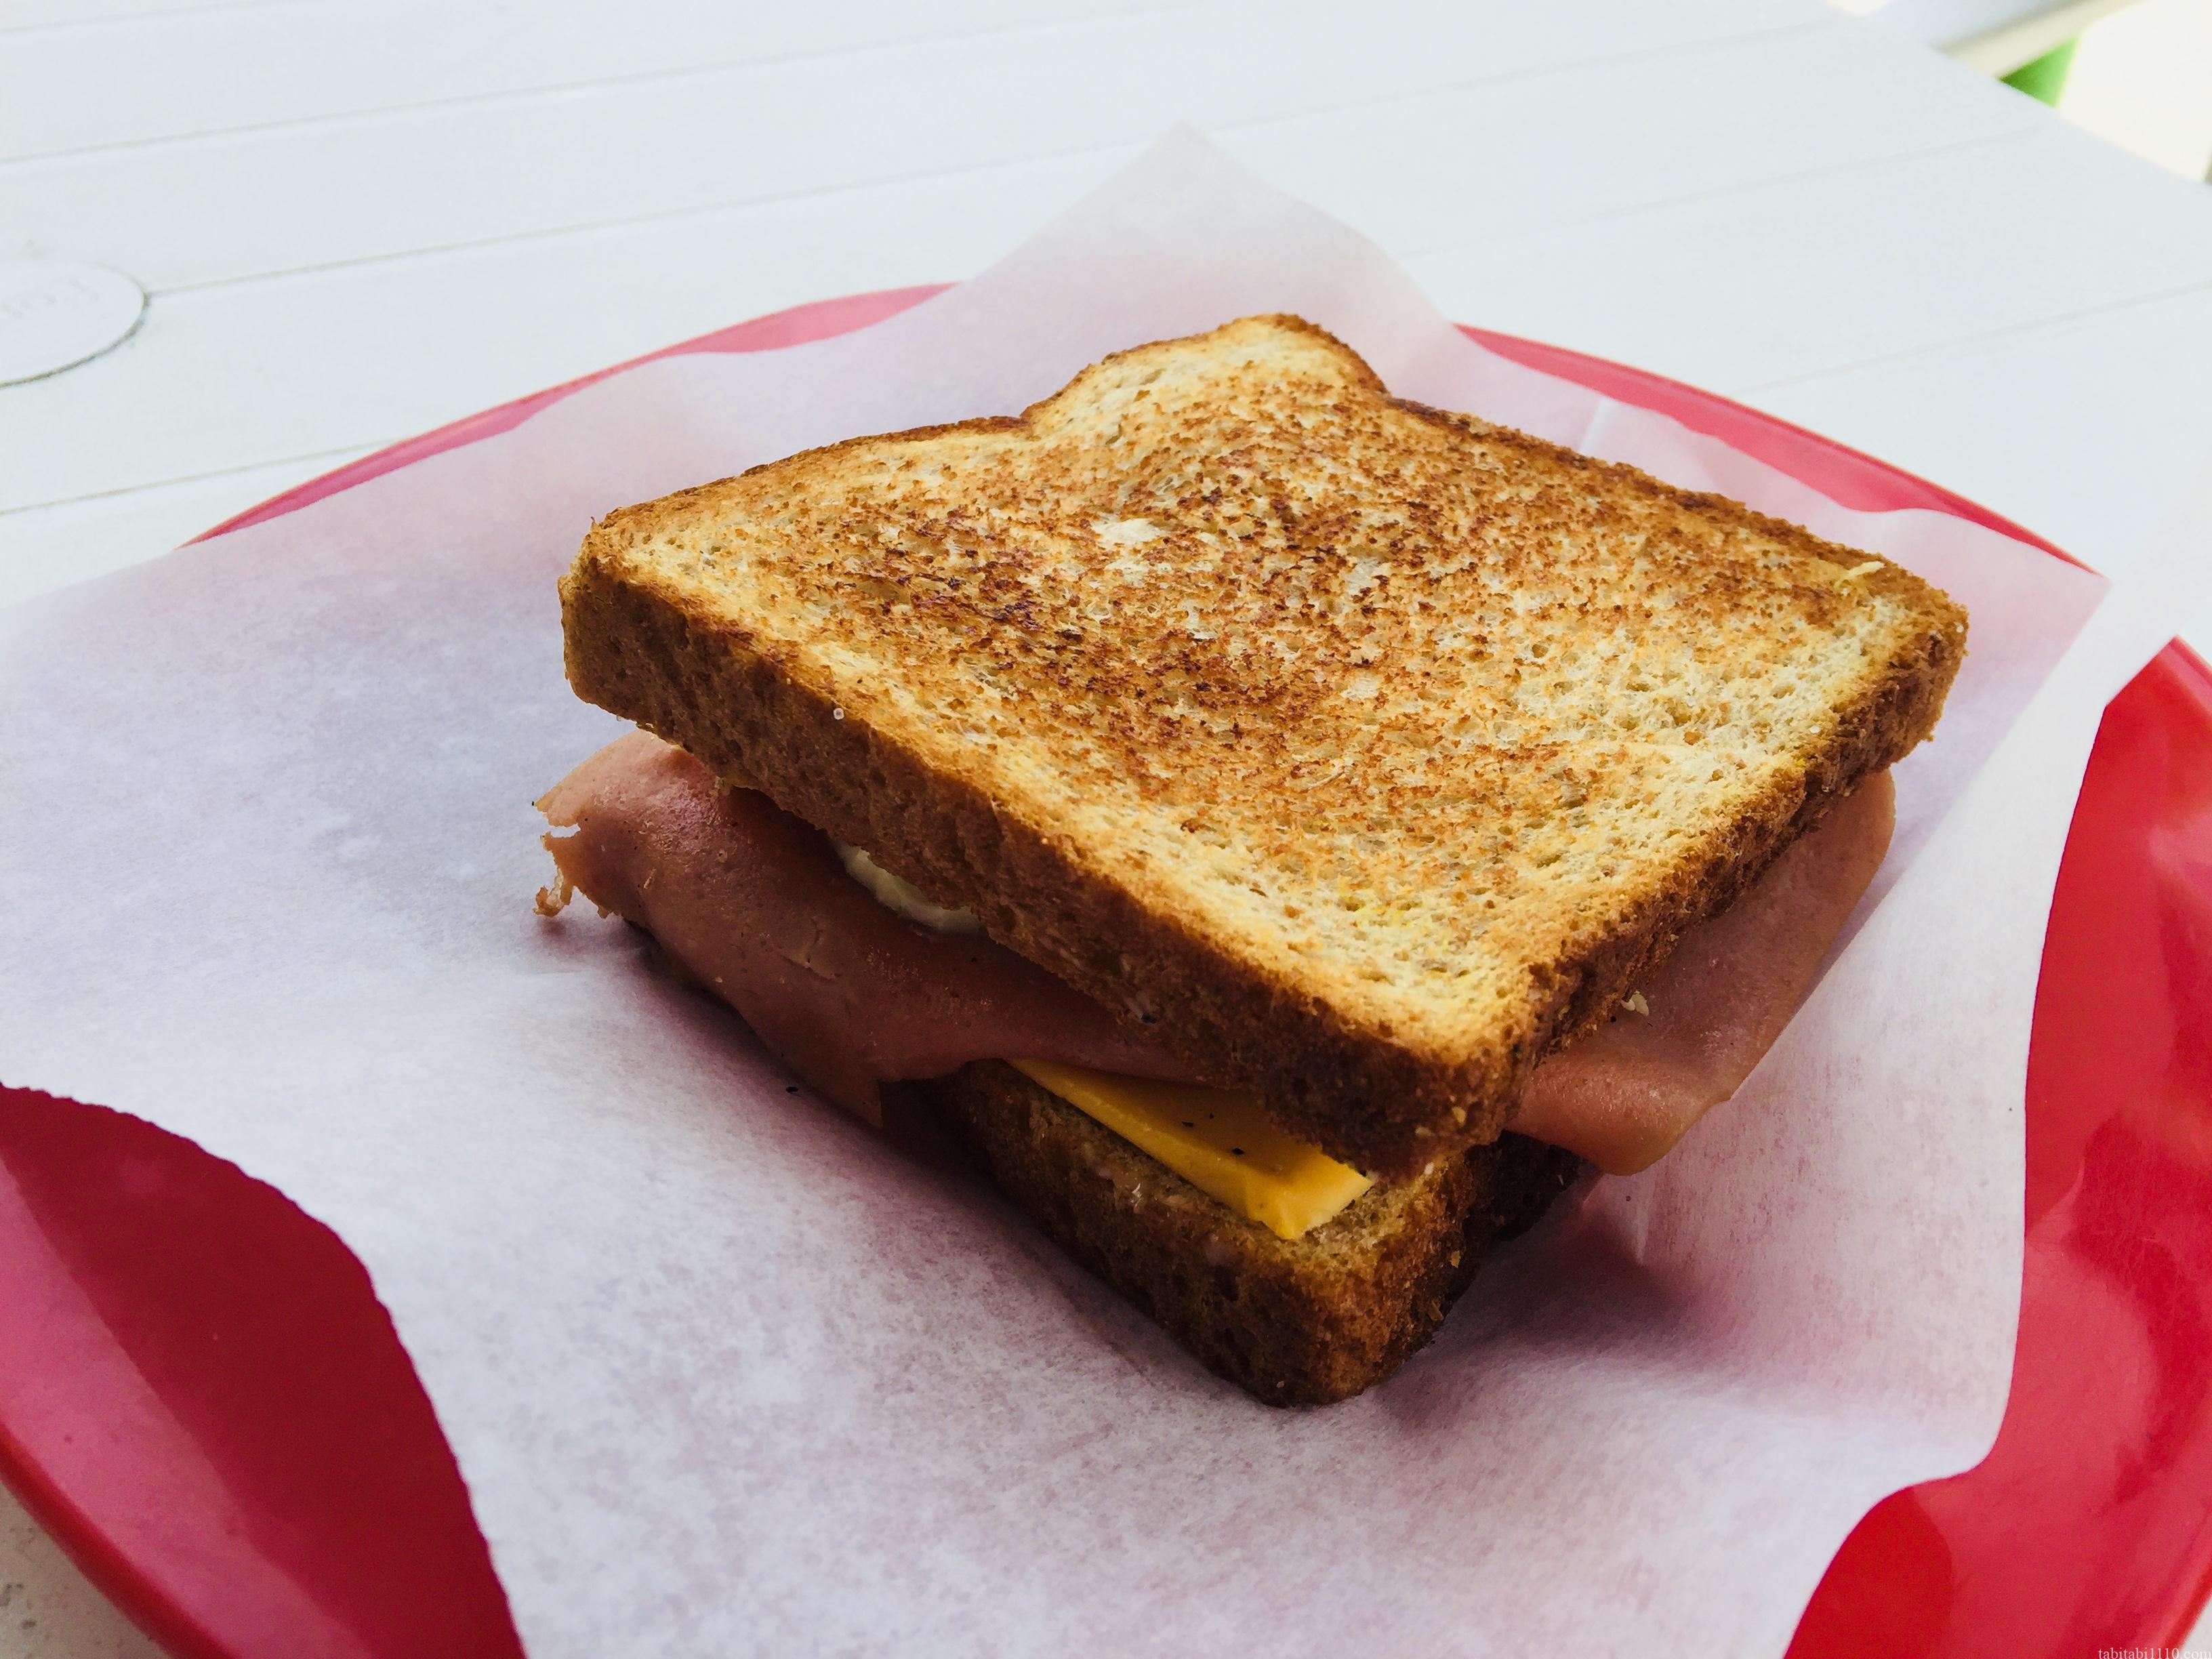 カンクンで食べたサンドイッチ